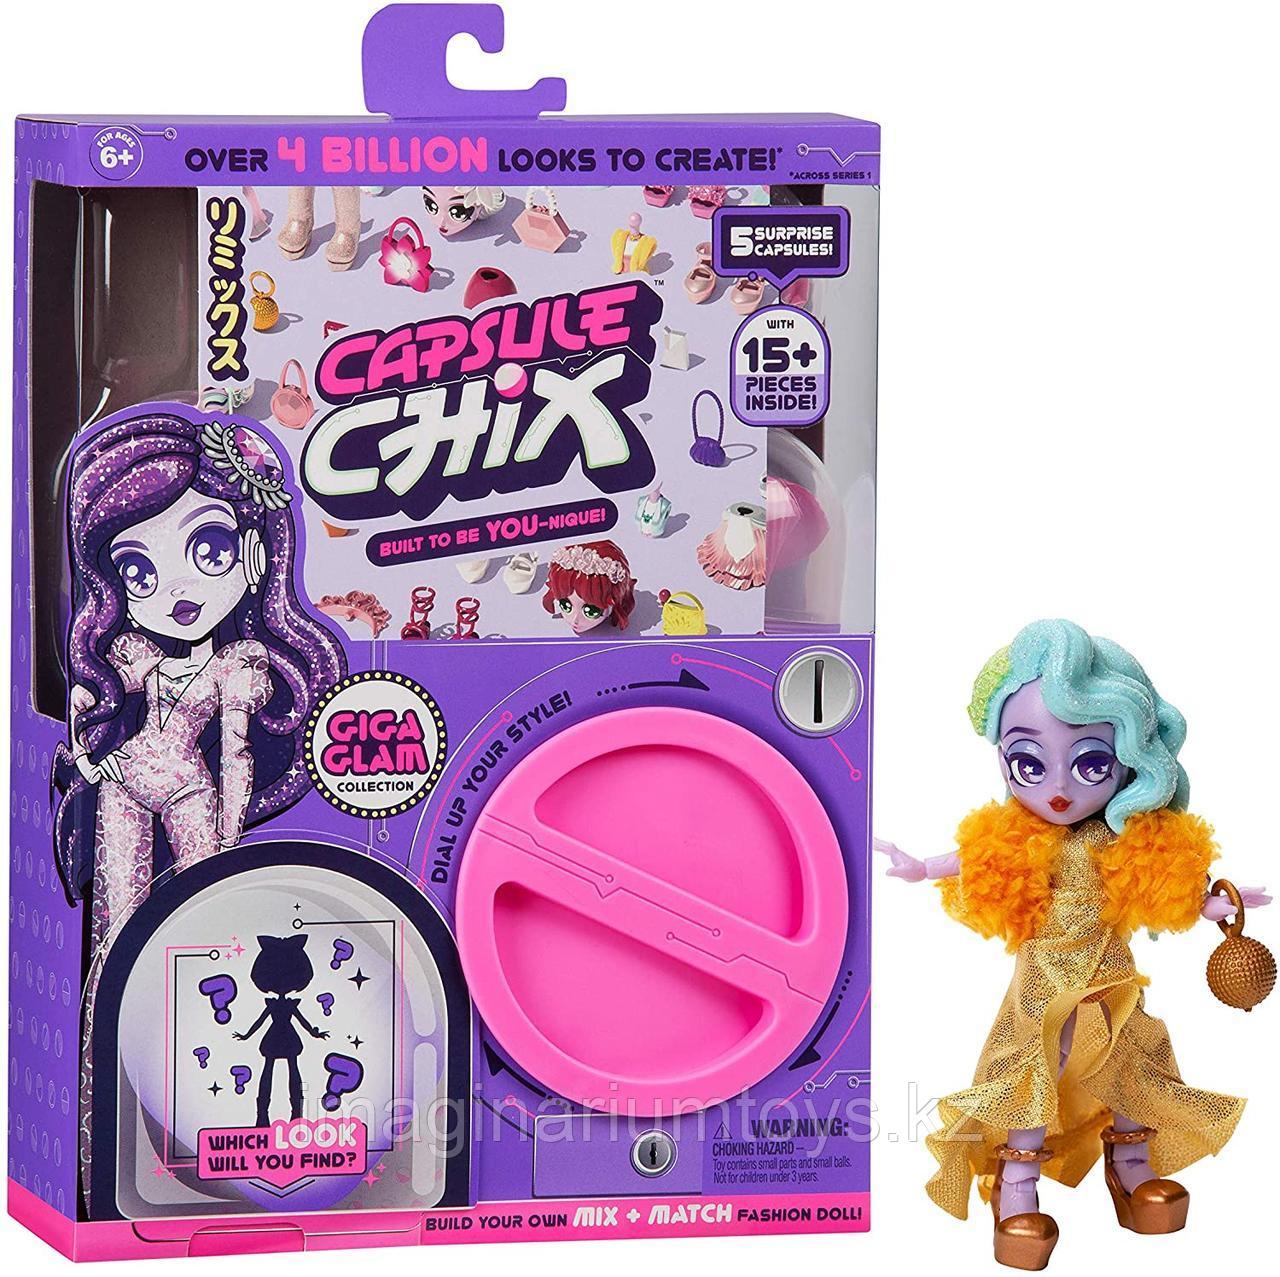 Кукла в капсуле Capsule Chix Гламурная коллекция